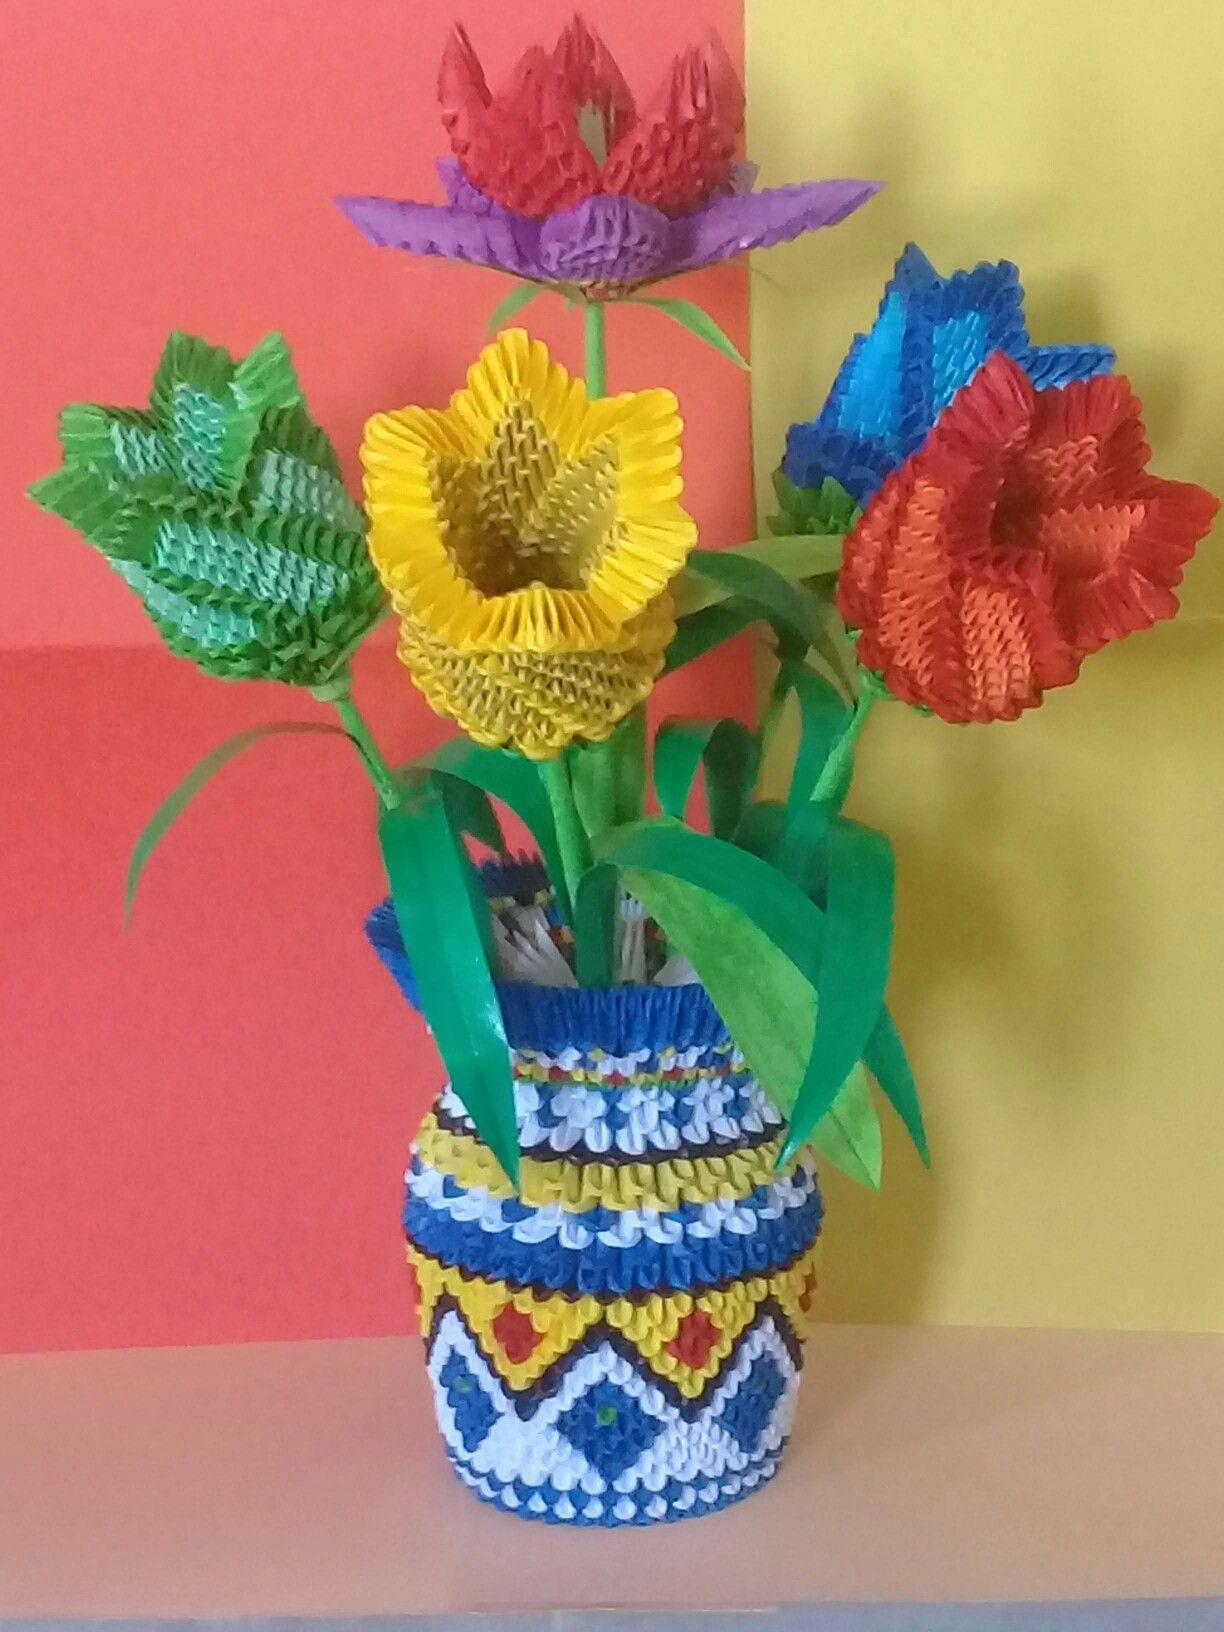 Мастер-класс поделка изделие моделирование конструирование оригами китайское модульное ваза «идея» бумага